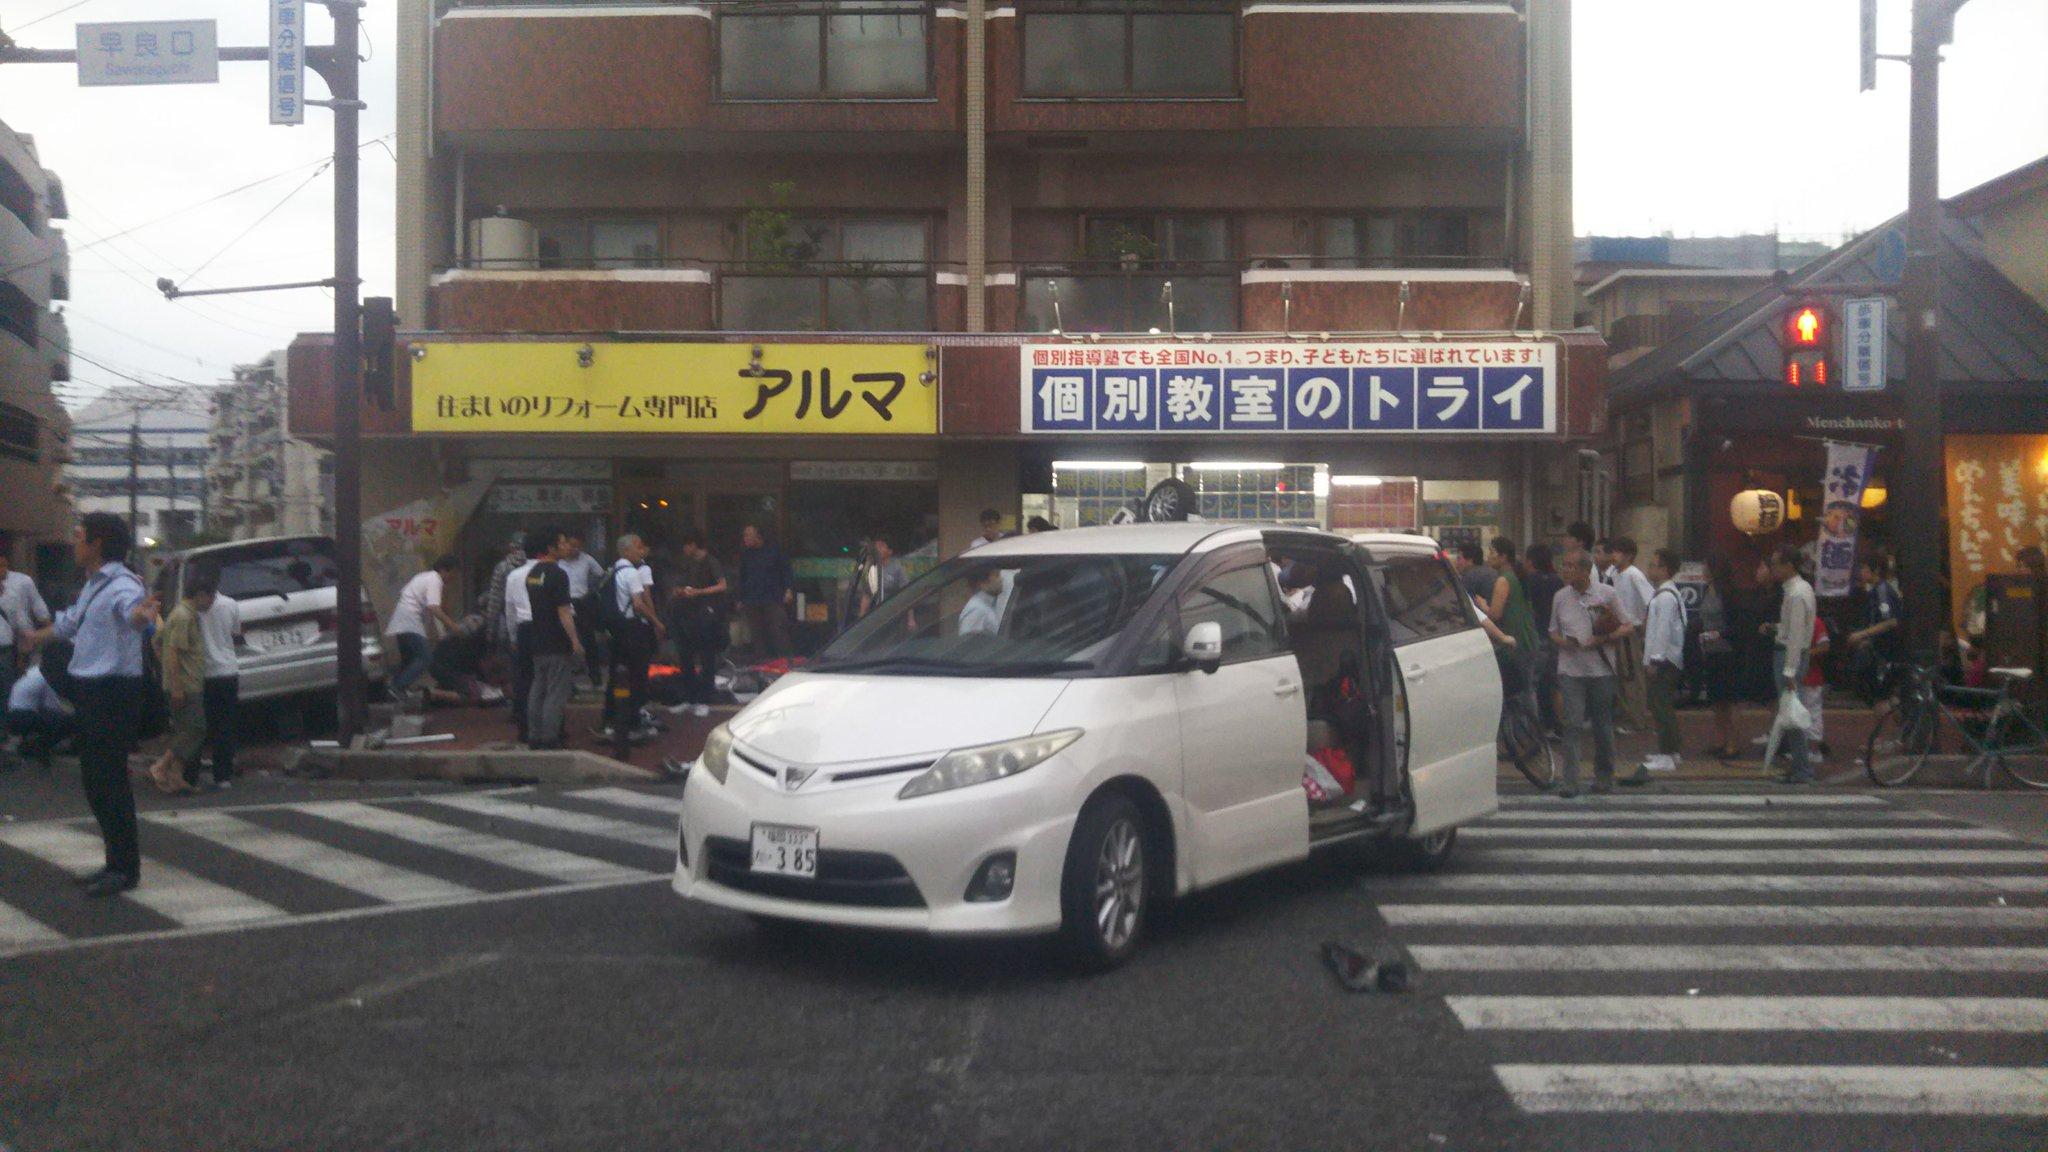 福岡市早良区百道の交差点の衝突事故がけが人が多数出ている現場画像